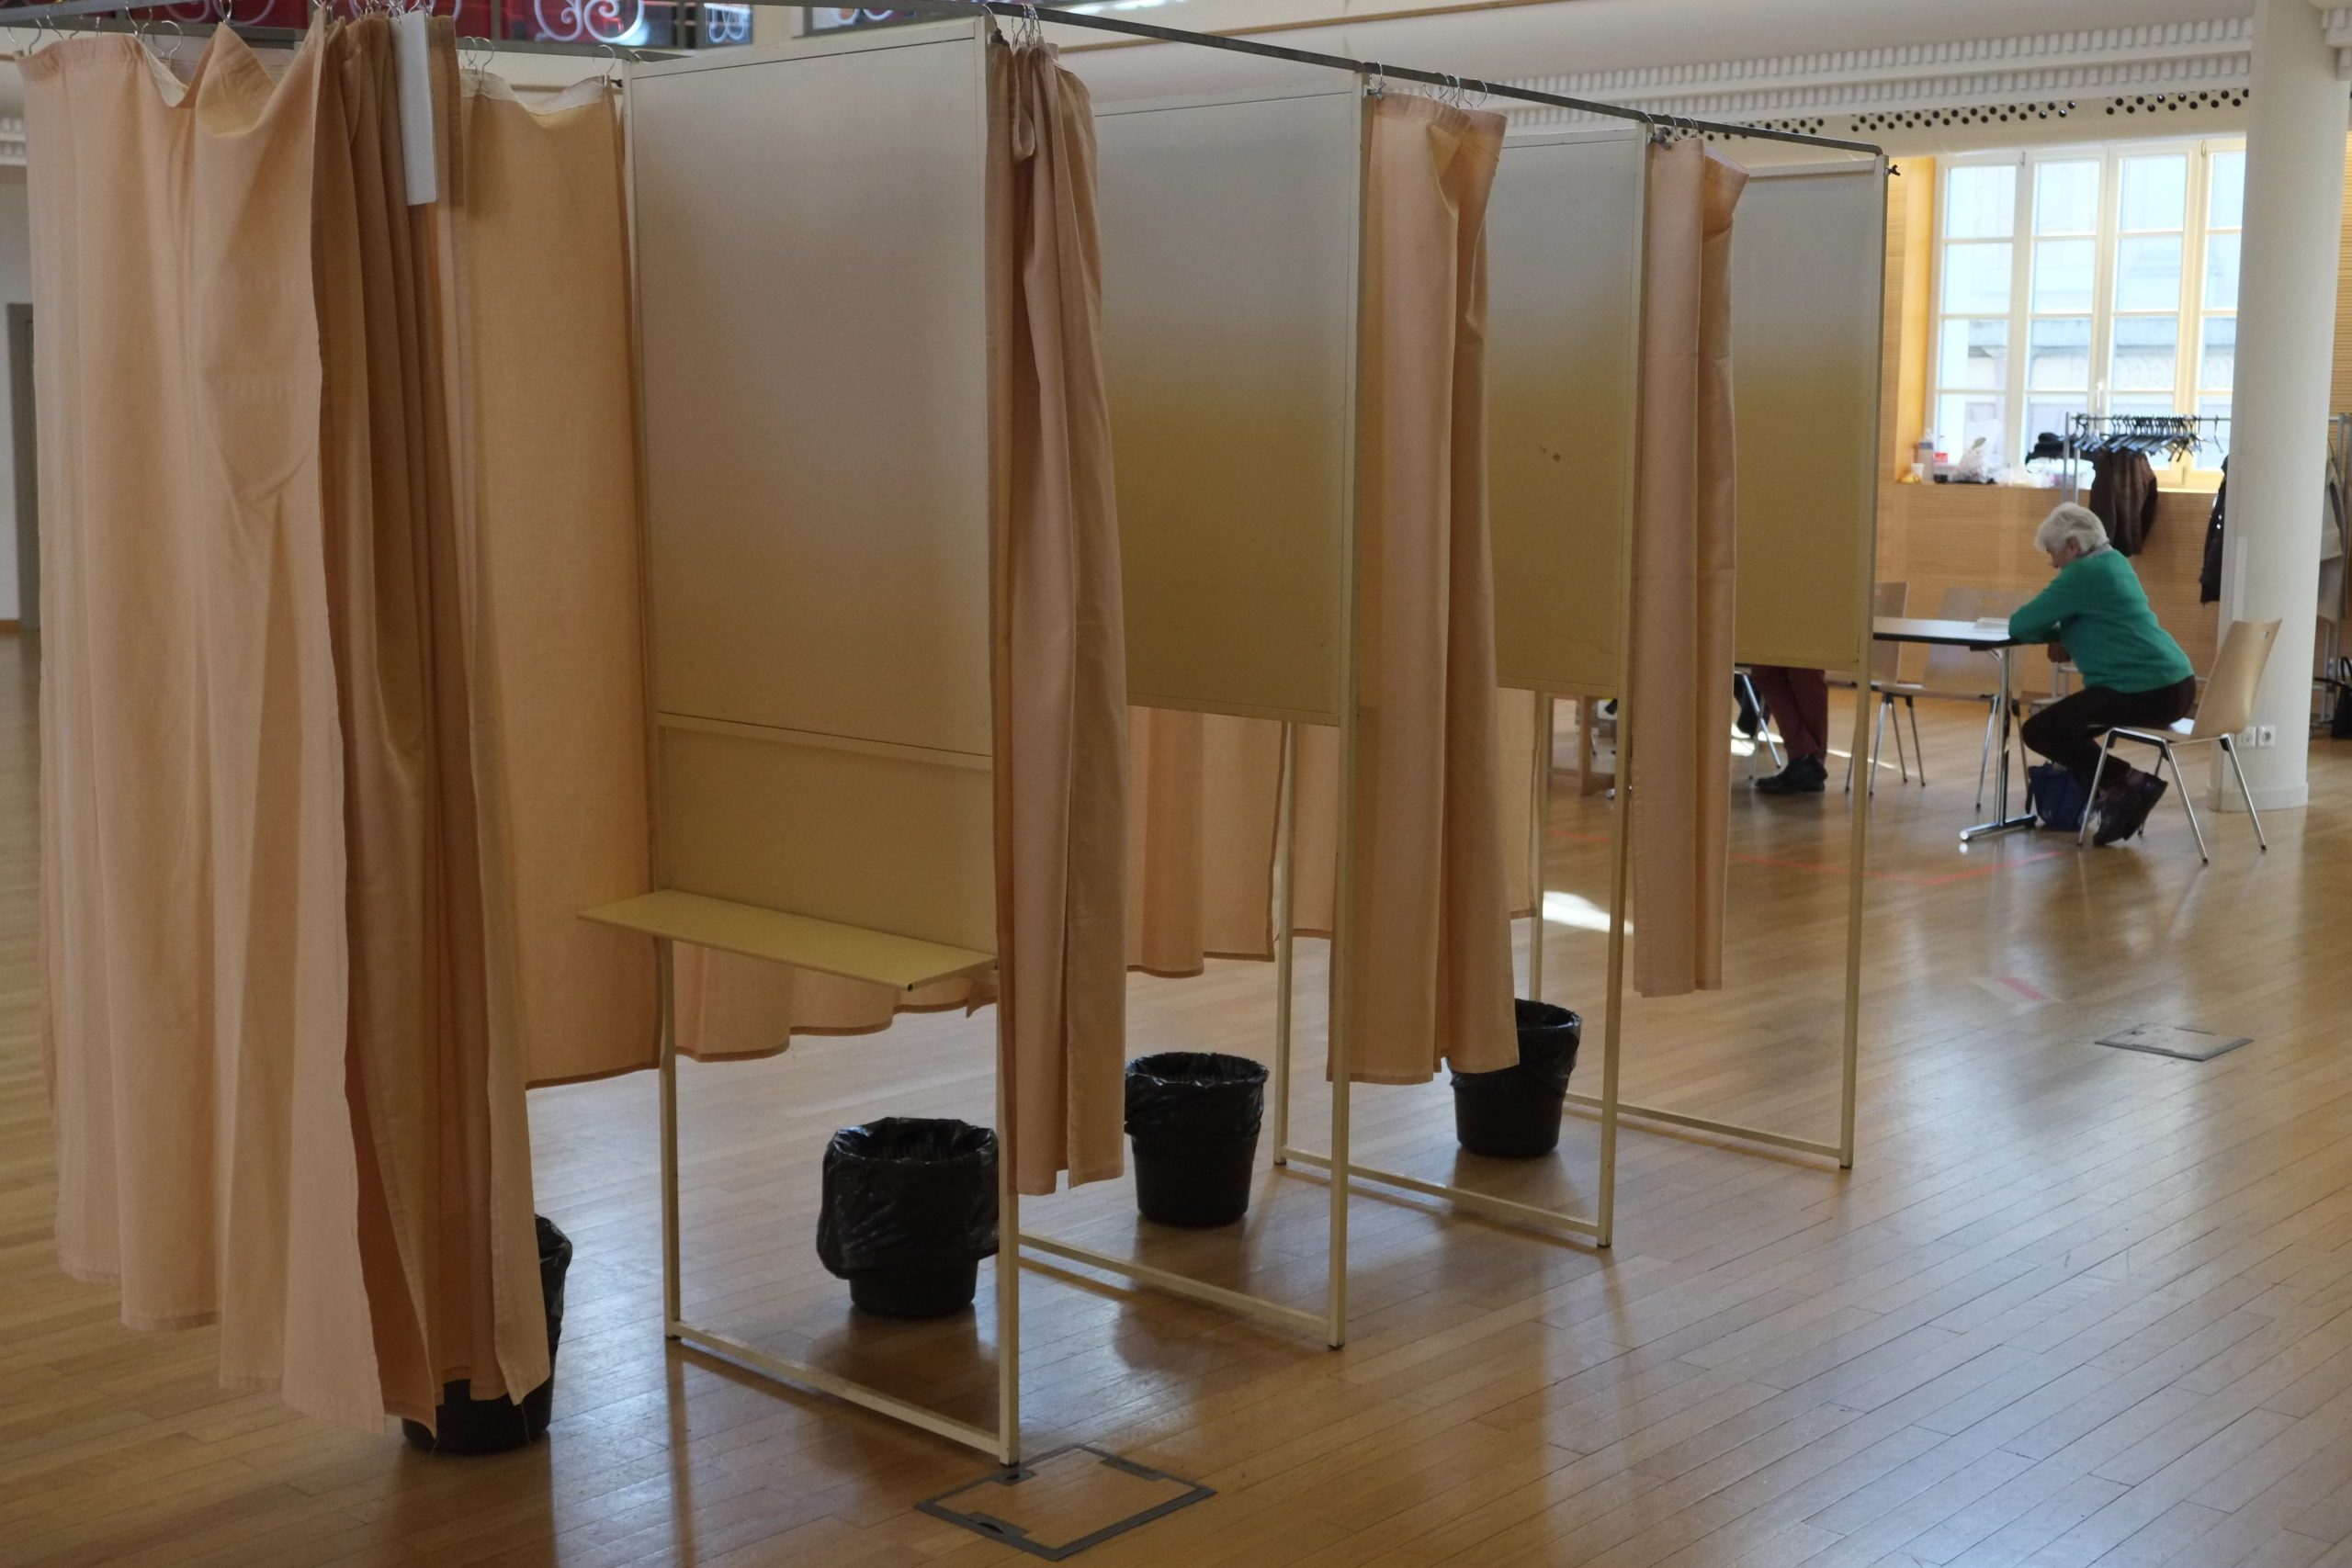 isoloir vote élection (TQ)